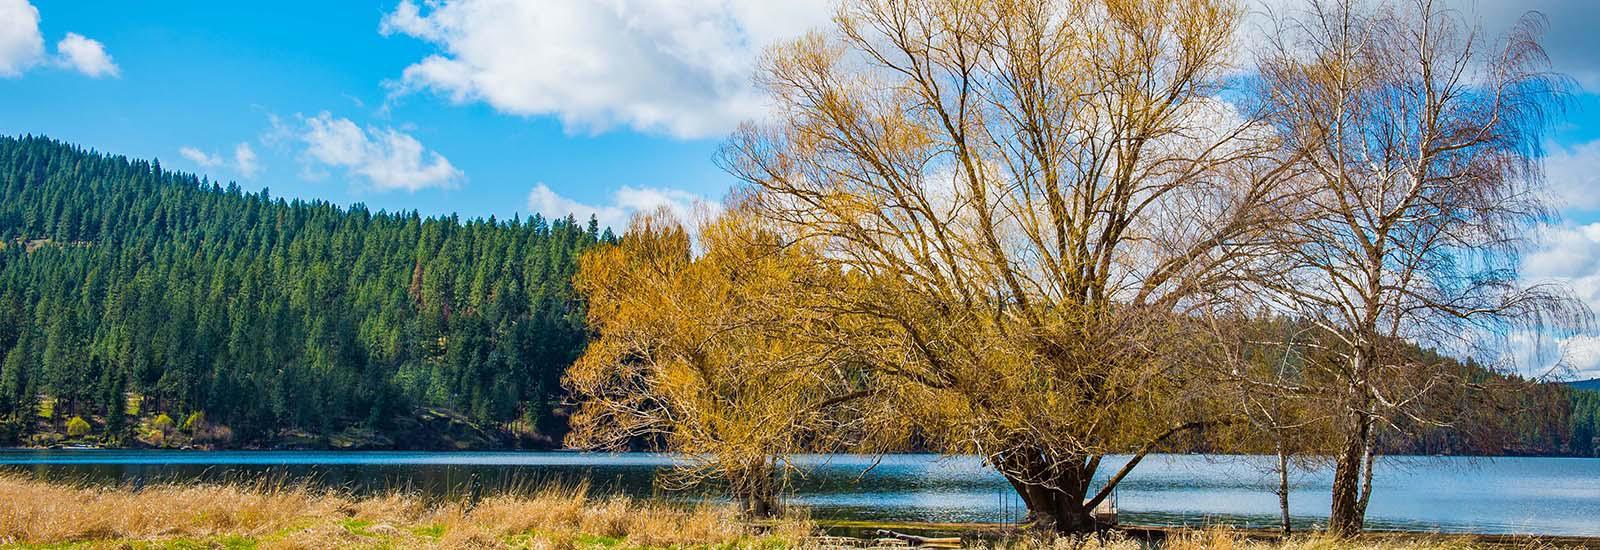 Spokane Lake